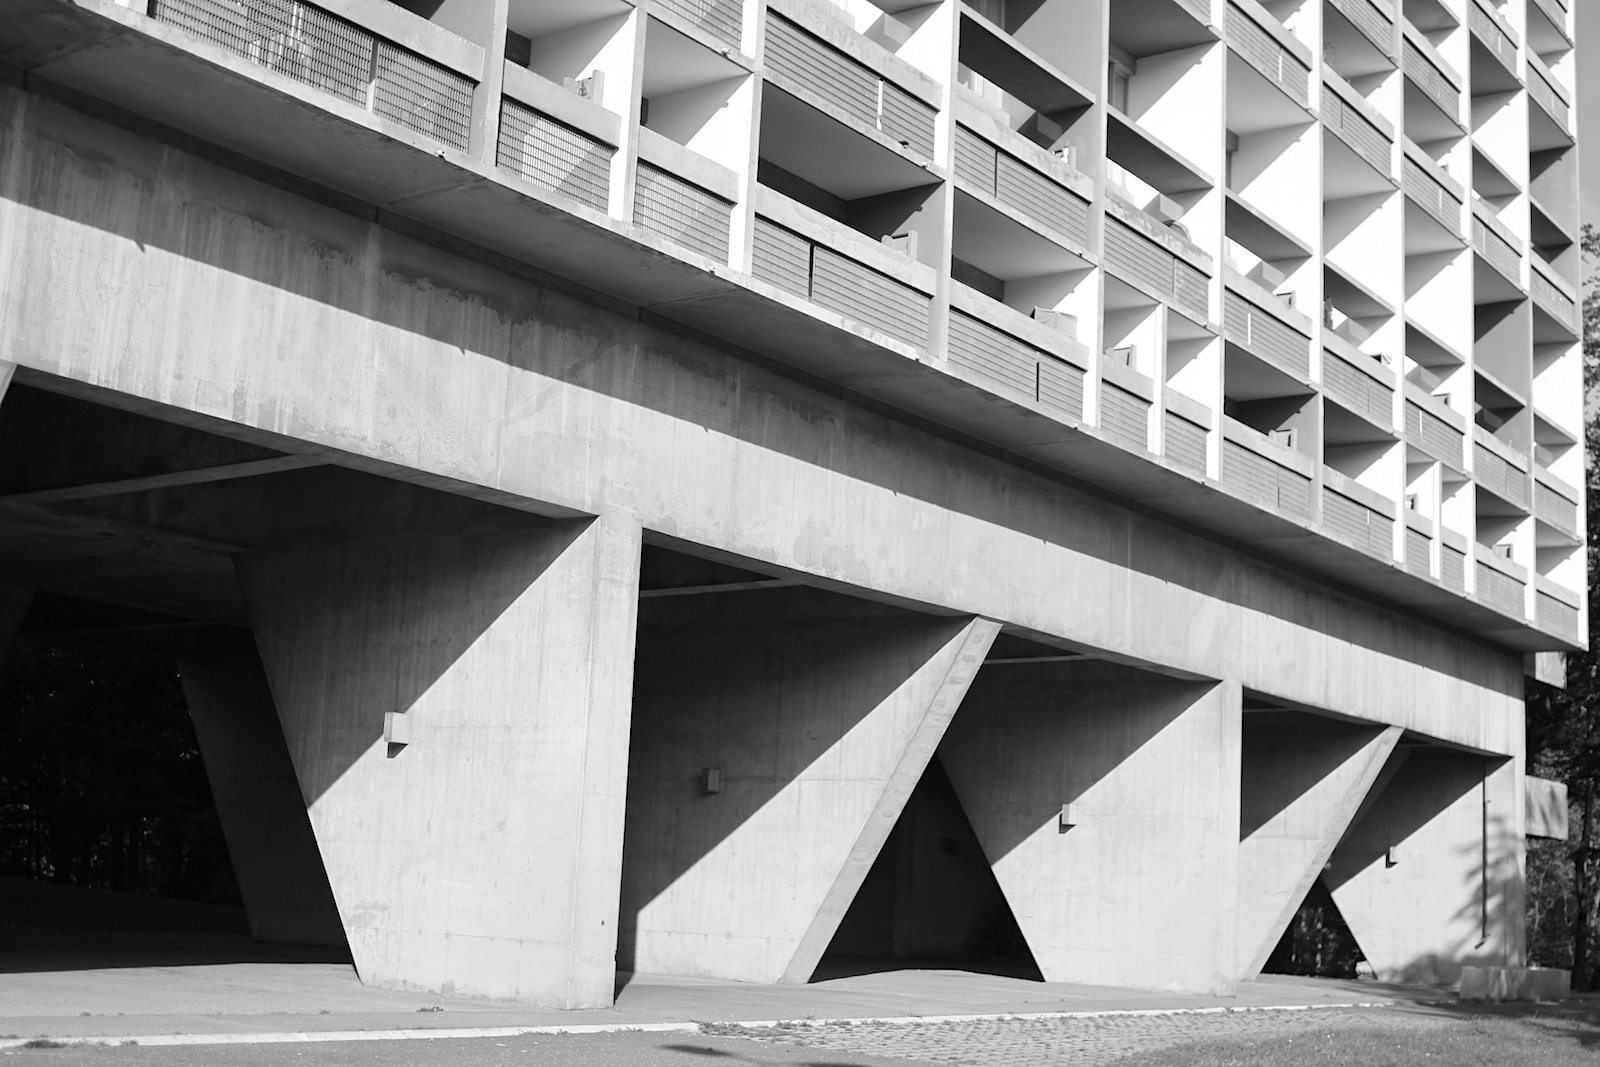 Unité d'Habitation. Der Skelettbau aus Stahlbeton hat 20 Geschosse. Anstelle des Erdgeschosses befindet sich ein Freigeschoss mit Stützen, die das Gebäude tragen.